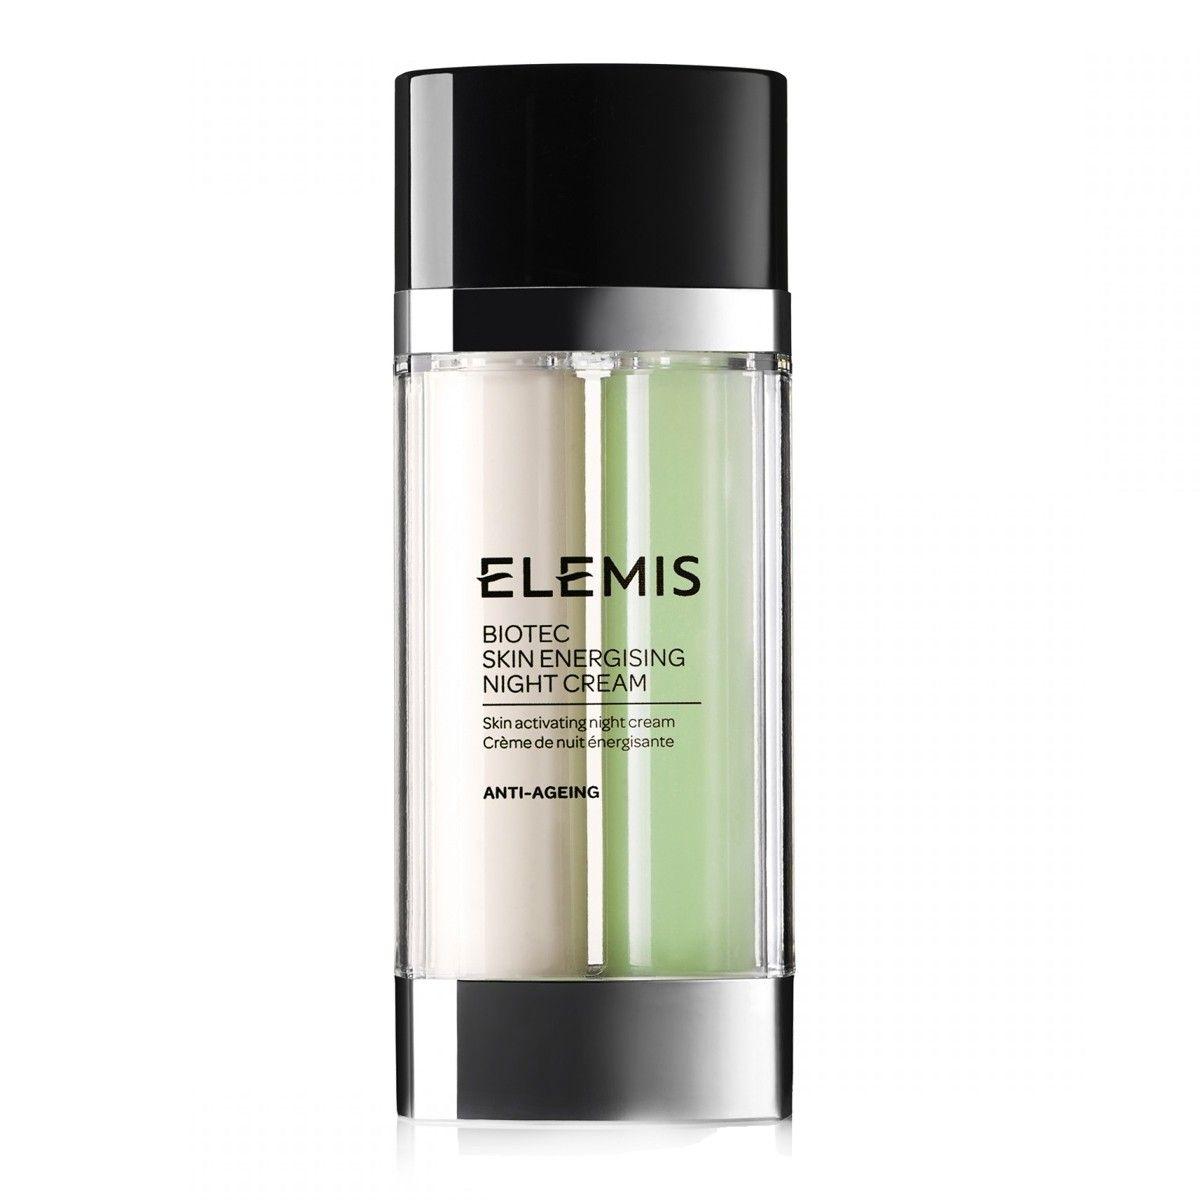 Afbeelding van Elemis BIOTEC Skin Energising Night Cream 30Ml Beauty